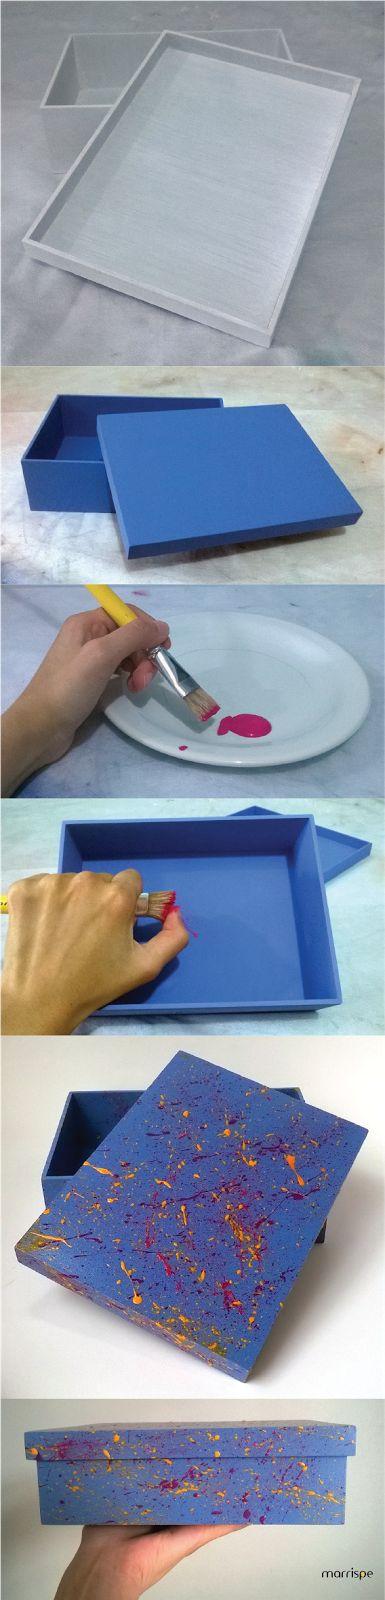 Passo-a-passo: caixa decorada com chuviscos de tinta #artesanato #mdf #pintura…